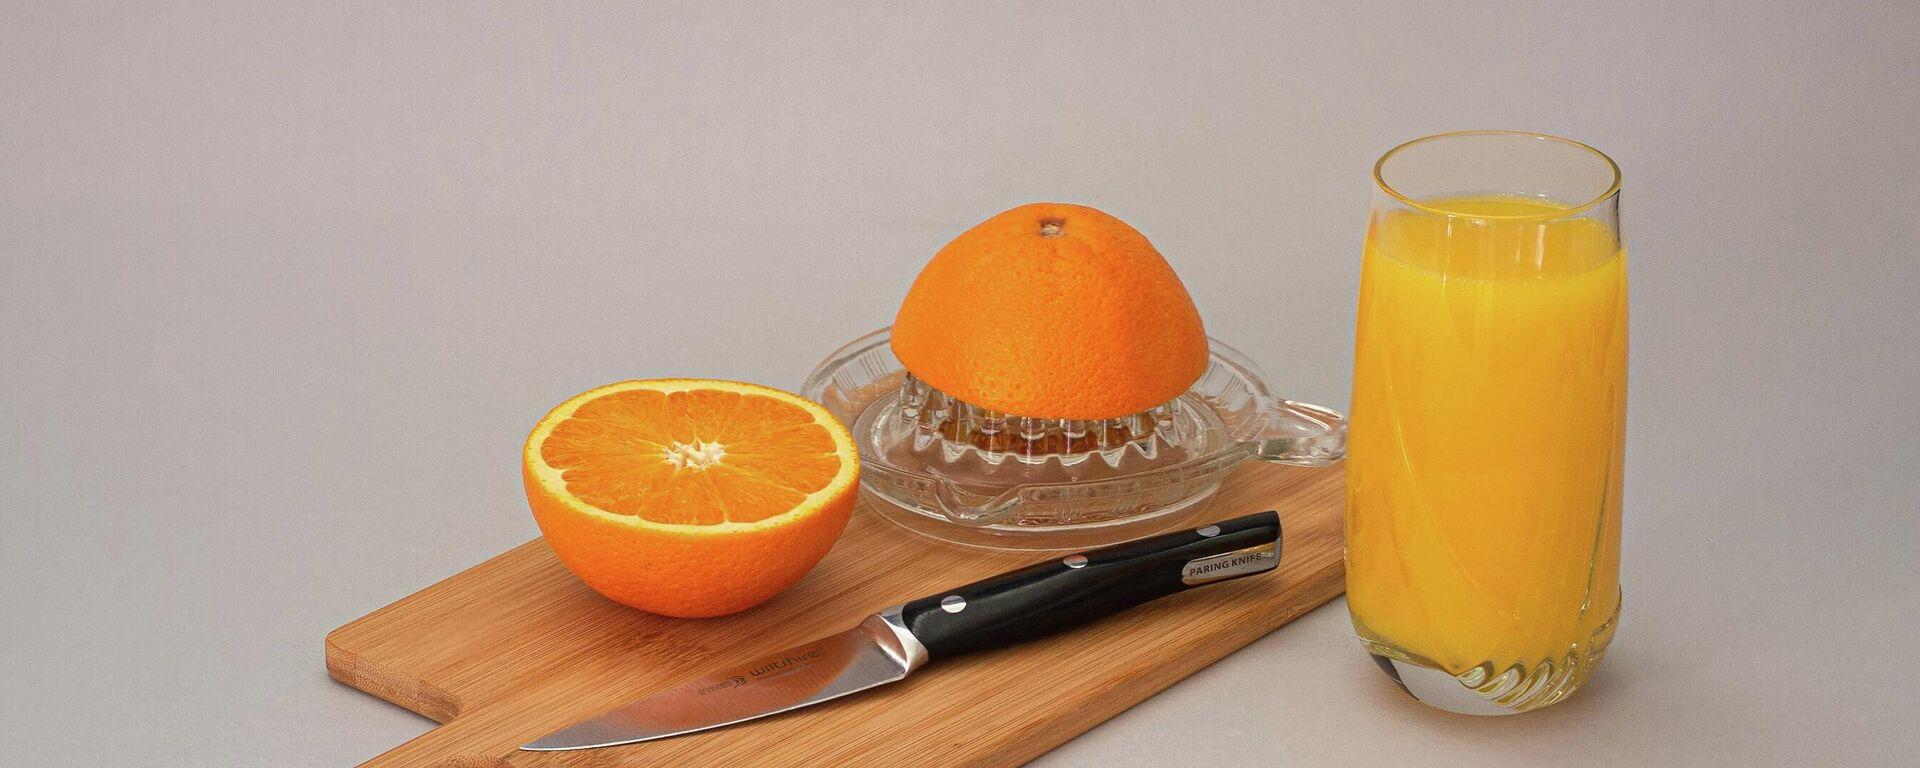 Zumo de naranja, ilustración - Sputnik Mundo, 1920, 18.08.2021